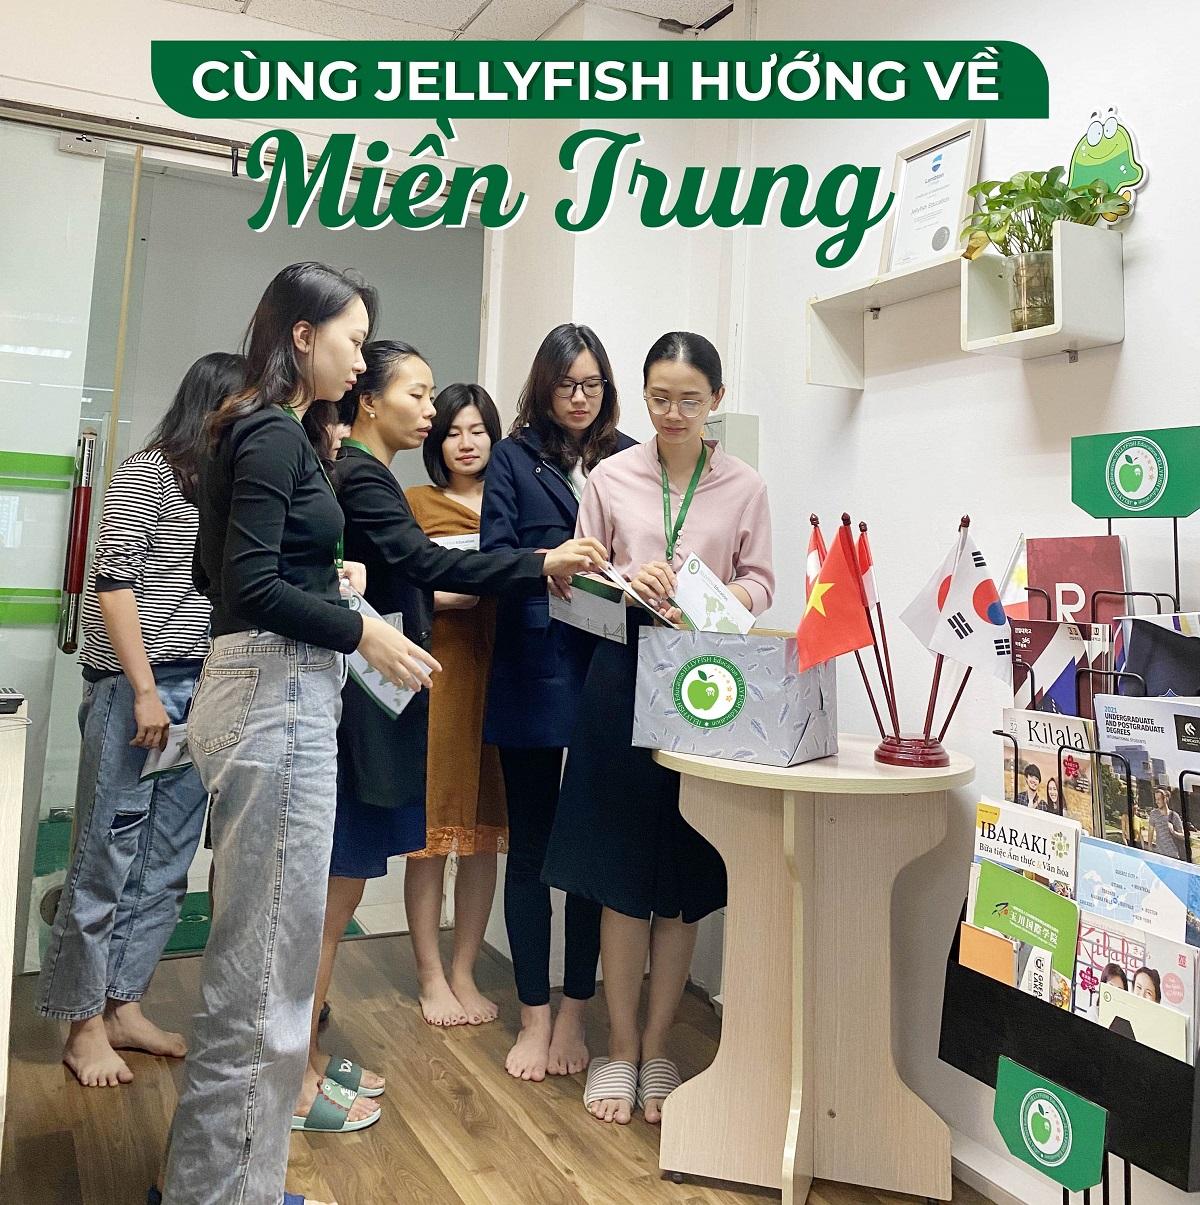 Tập thể CBNV và học viên Jellyfish hướng về miền Trung ẢNH 1